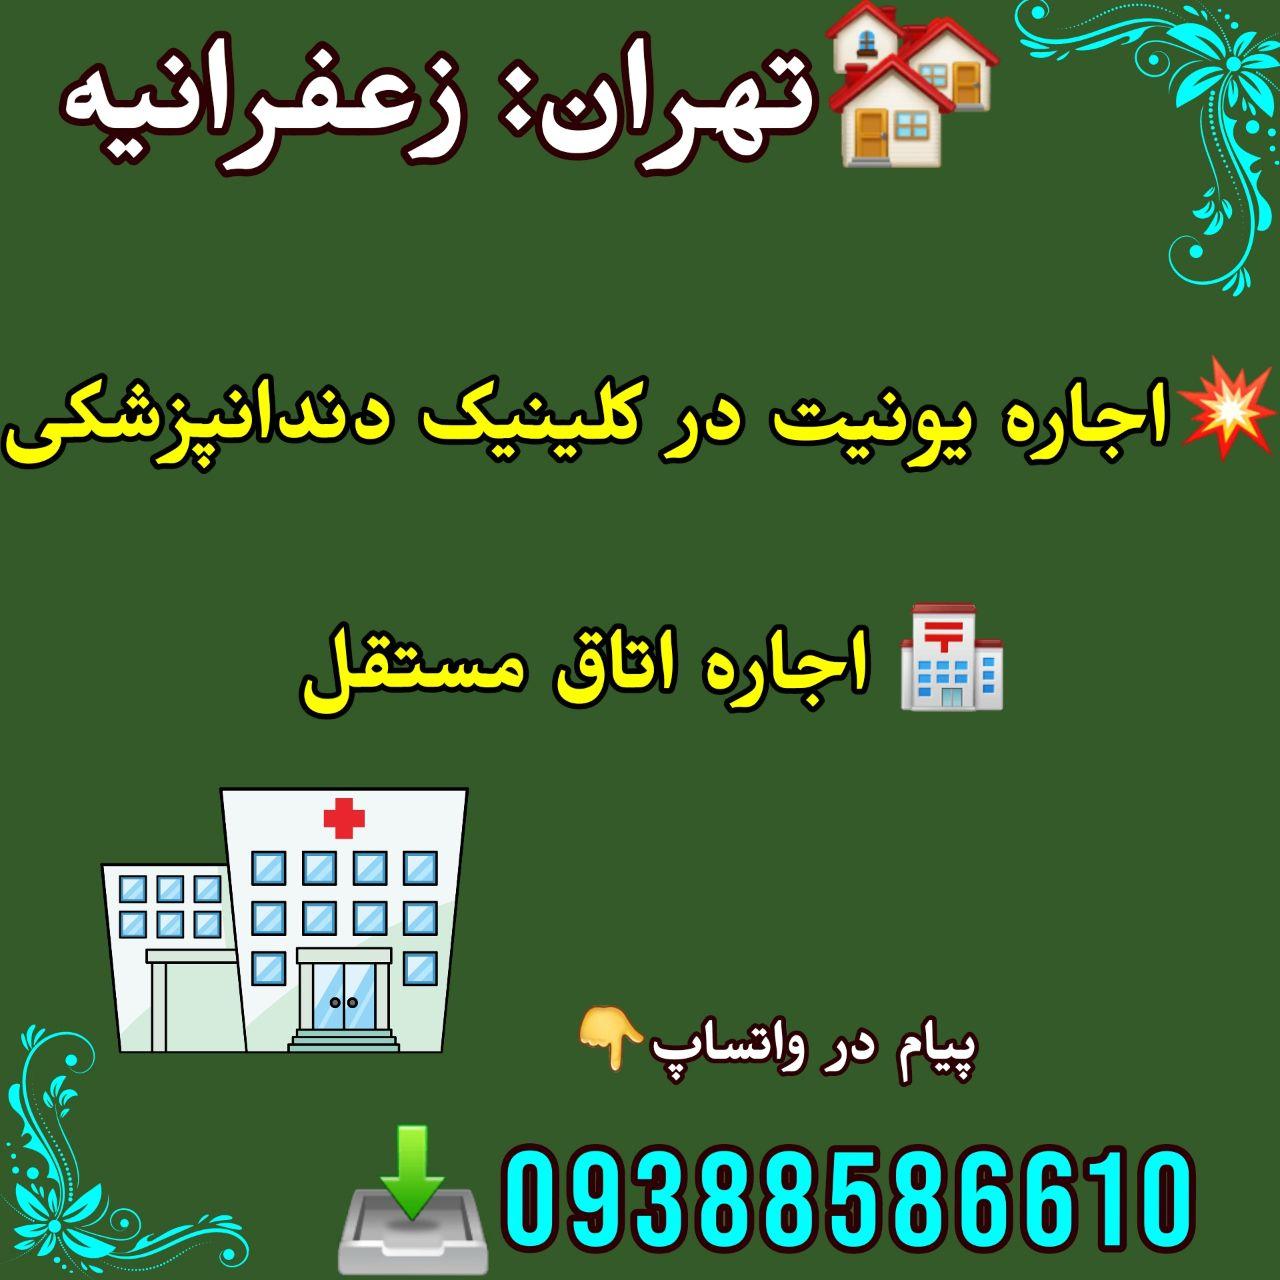 تهران: زعفرانیه، اجاره یکنیتدر کلینیک دندانپزشکی، اجاره اتاق مستقل